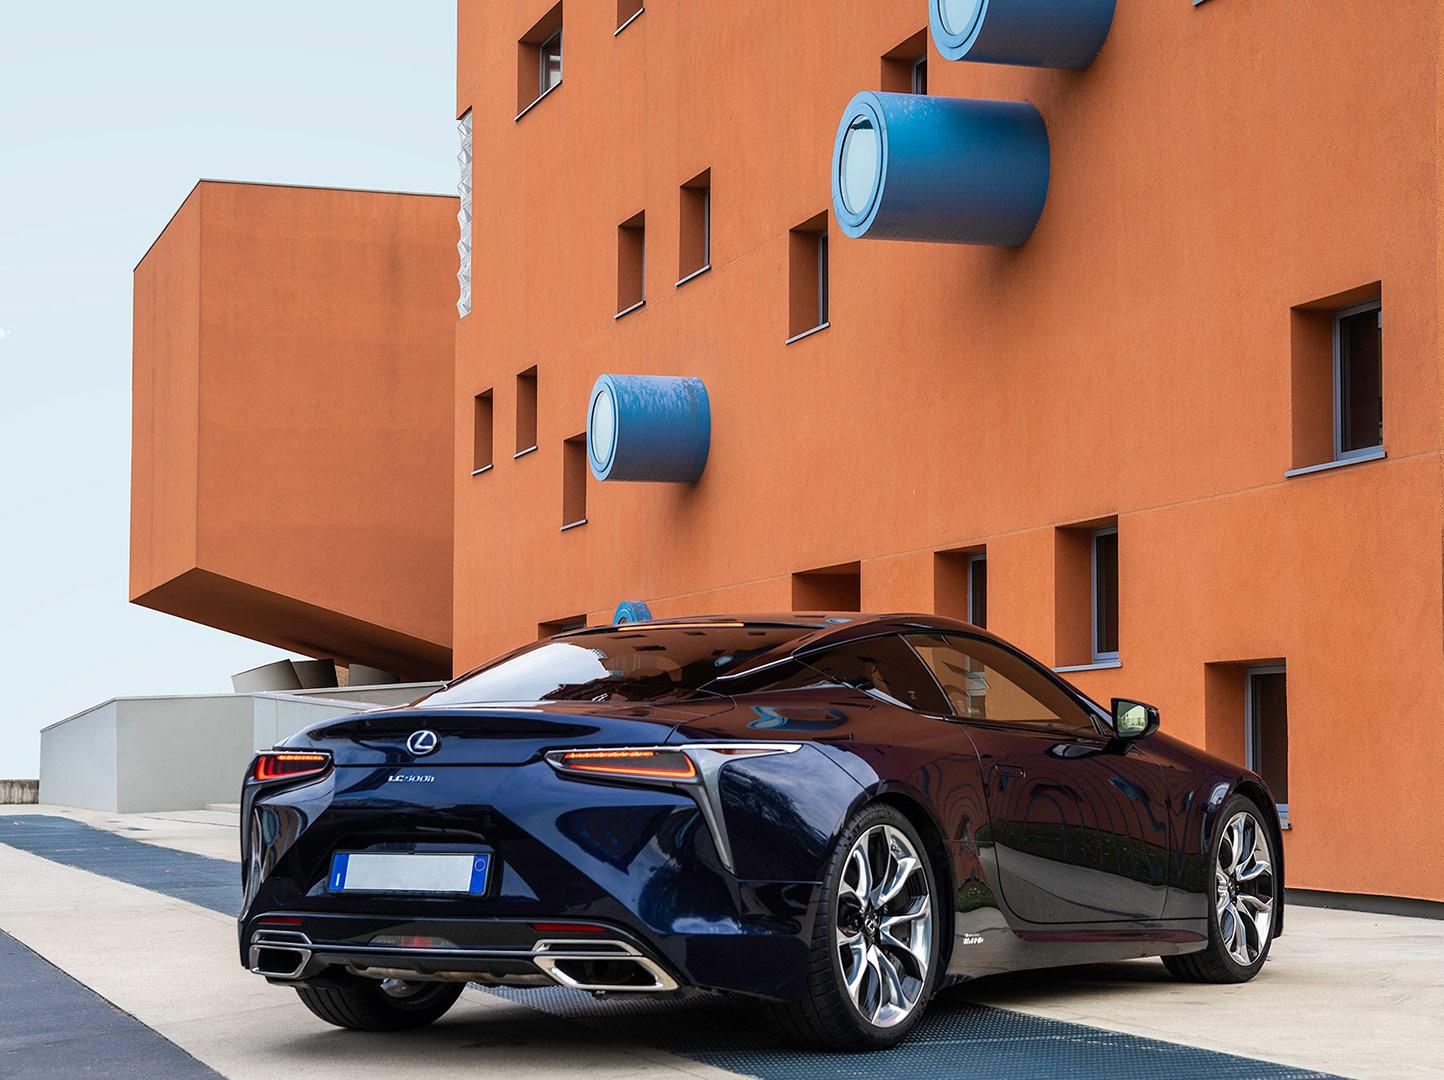 Lexus'tan Yaratıcılığa İlham Veren Seri Lexus Creates gallery01